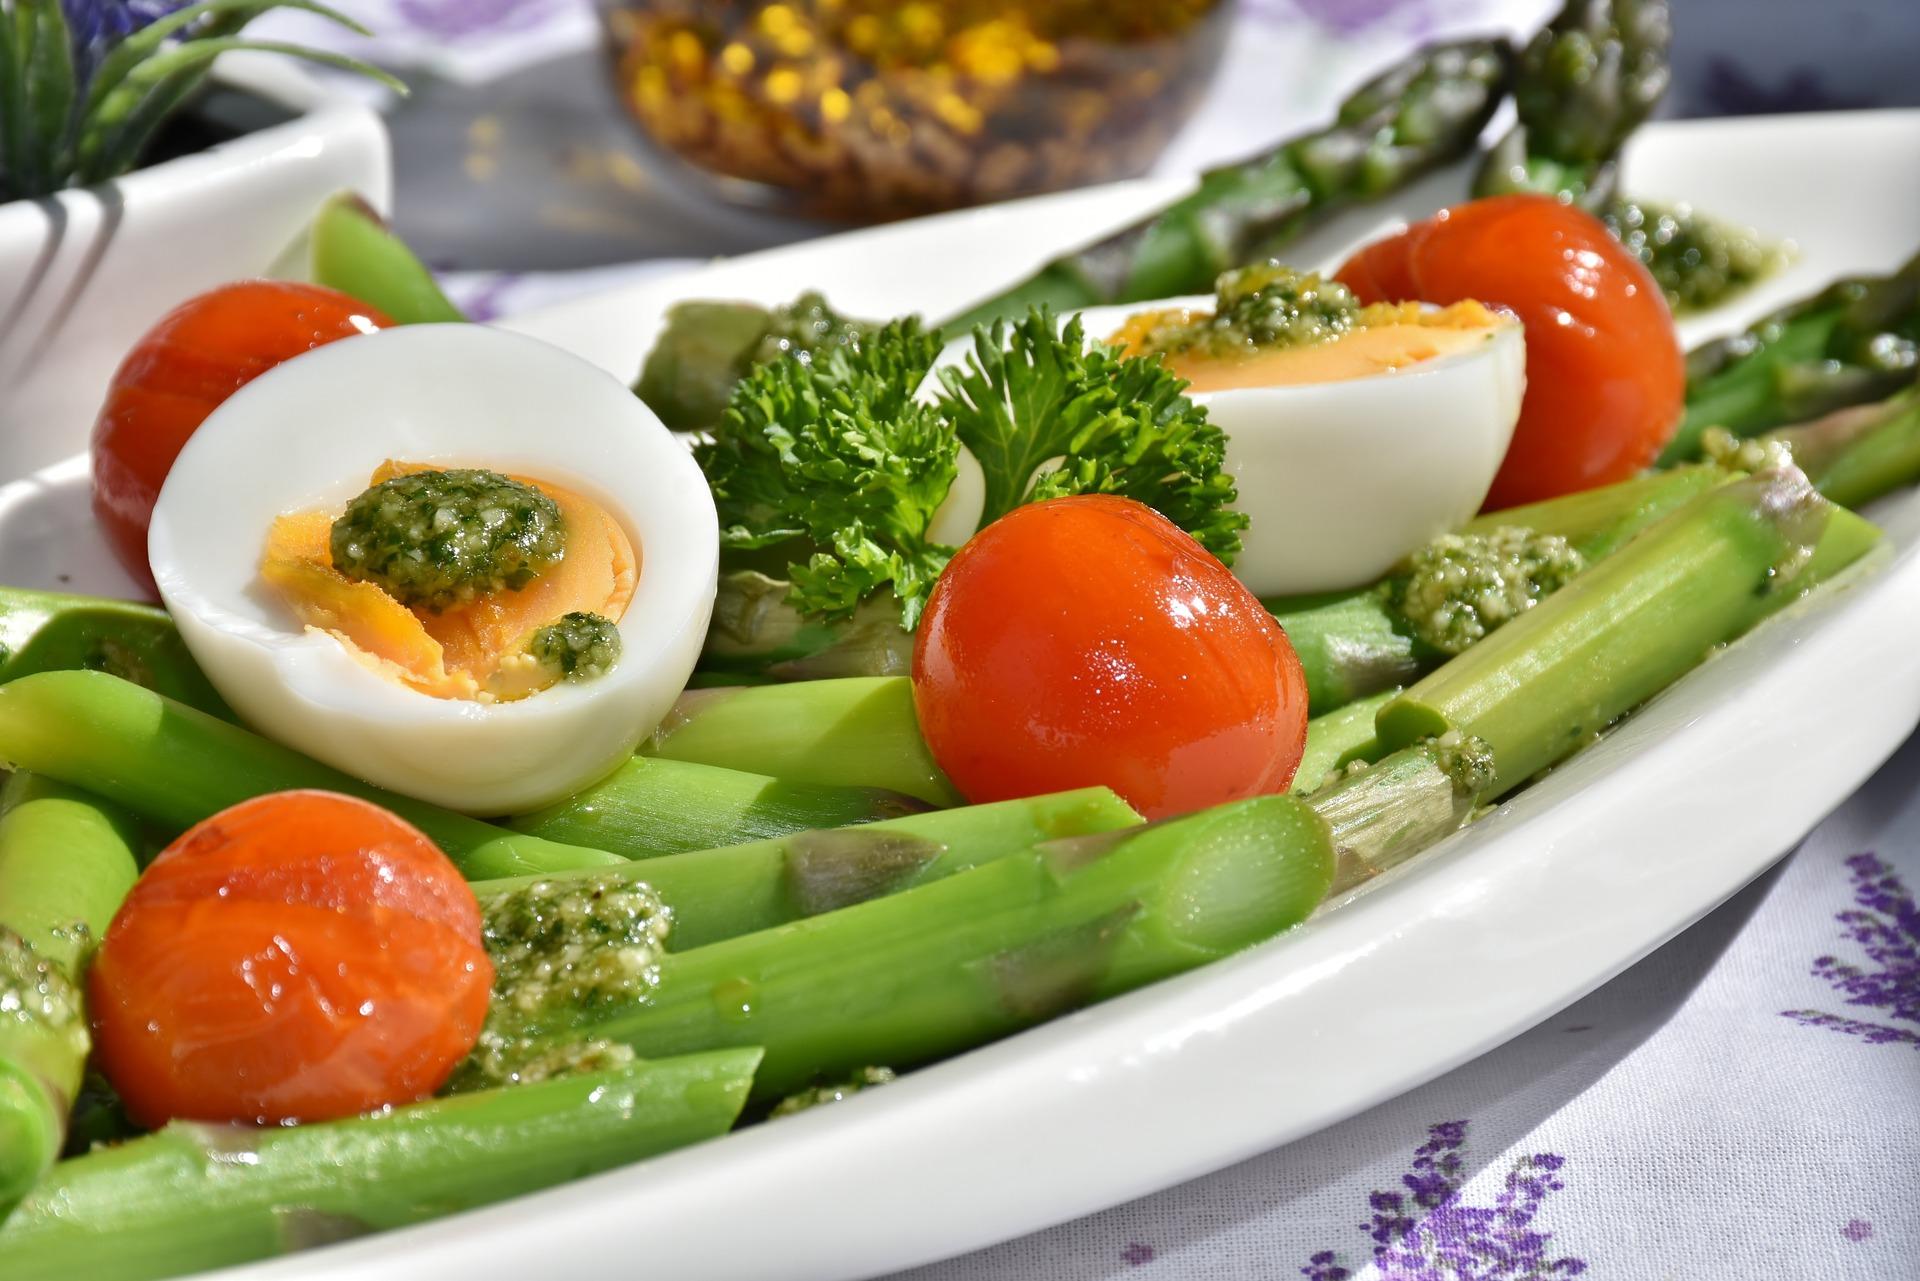 Jak na dobre wprowadzić zdrowy tryb życia?